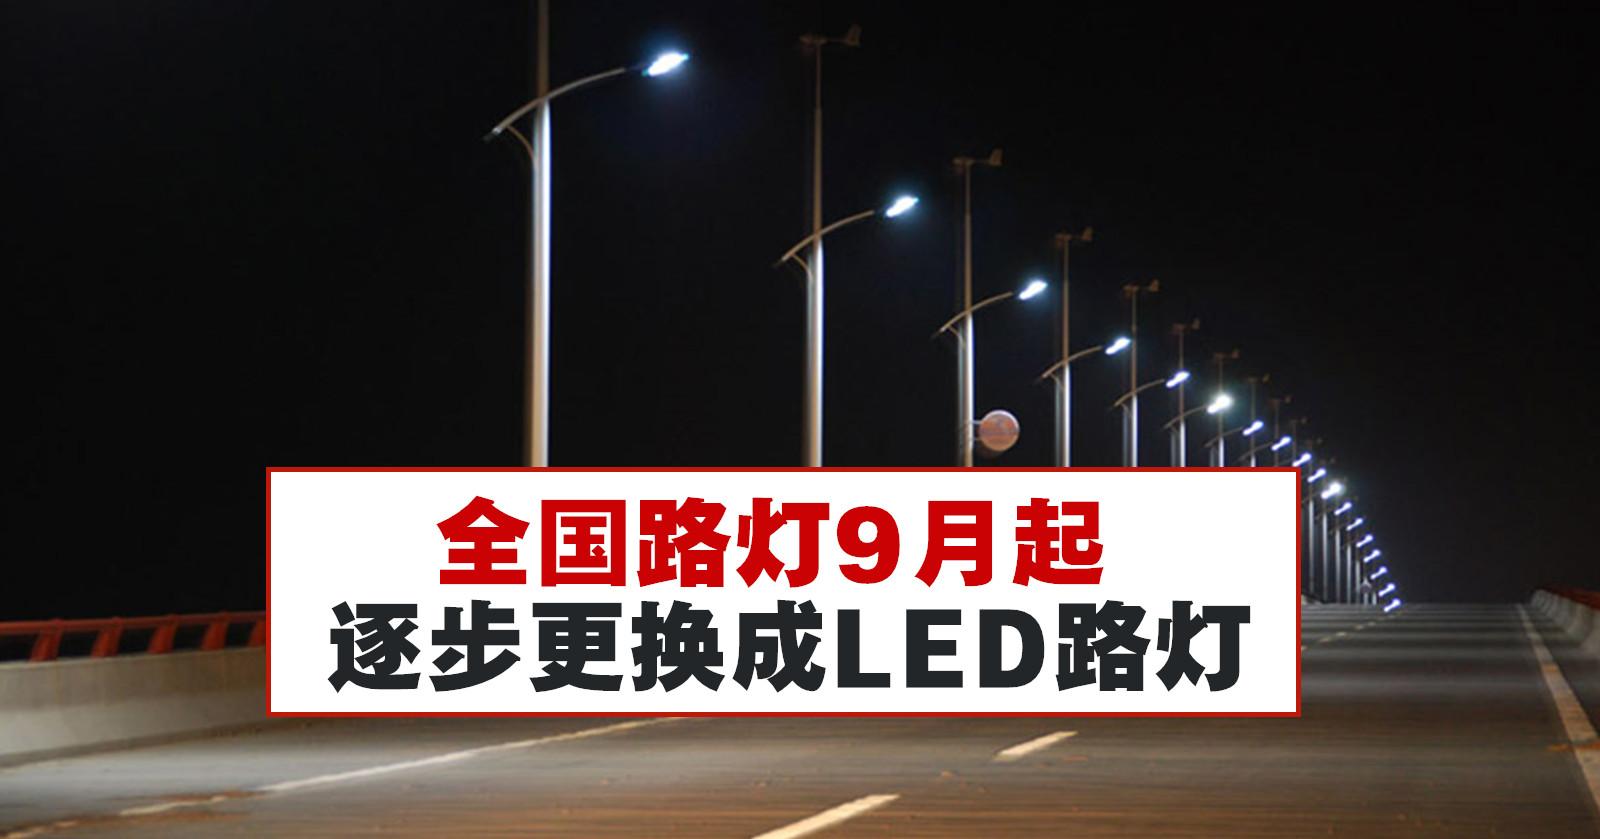 全国路灯9月起逐步更换成LED路灯